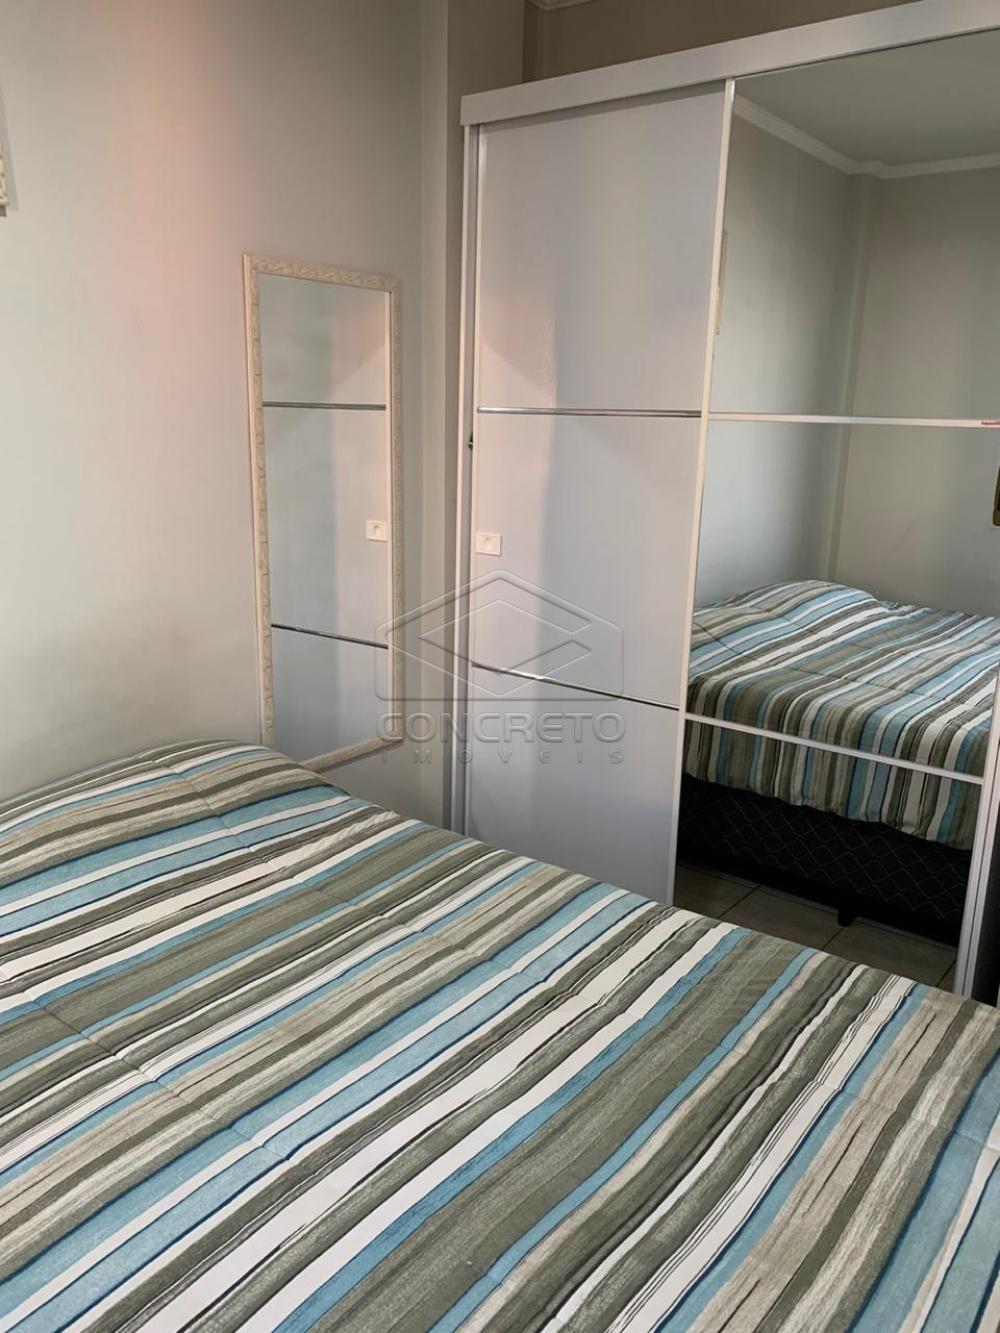 Comprar Apartamento / Padrão em Bauru apenas R$ 175.000,00 - Foto 10